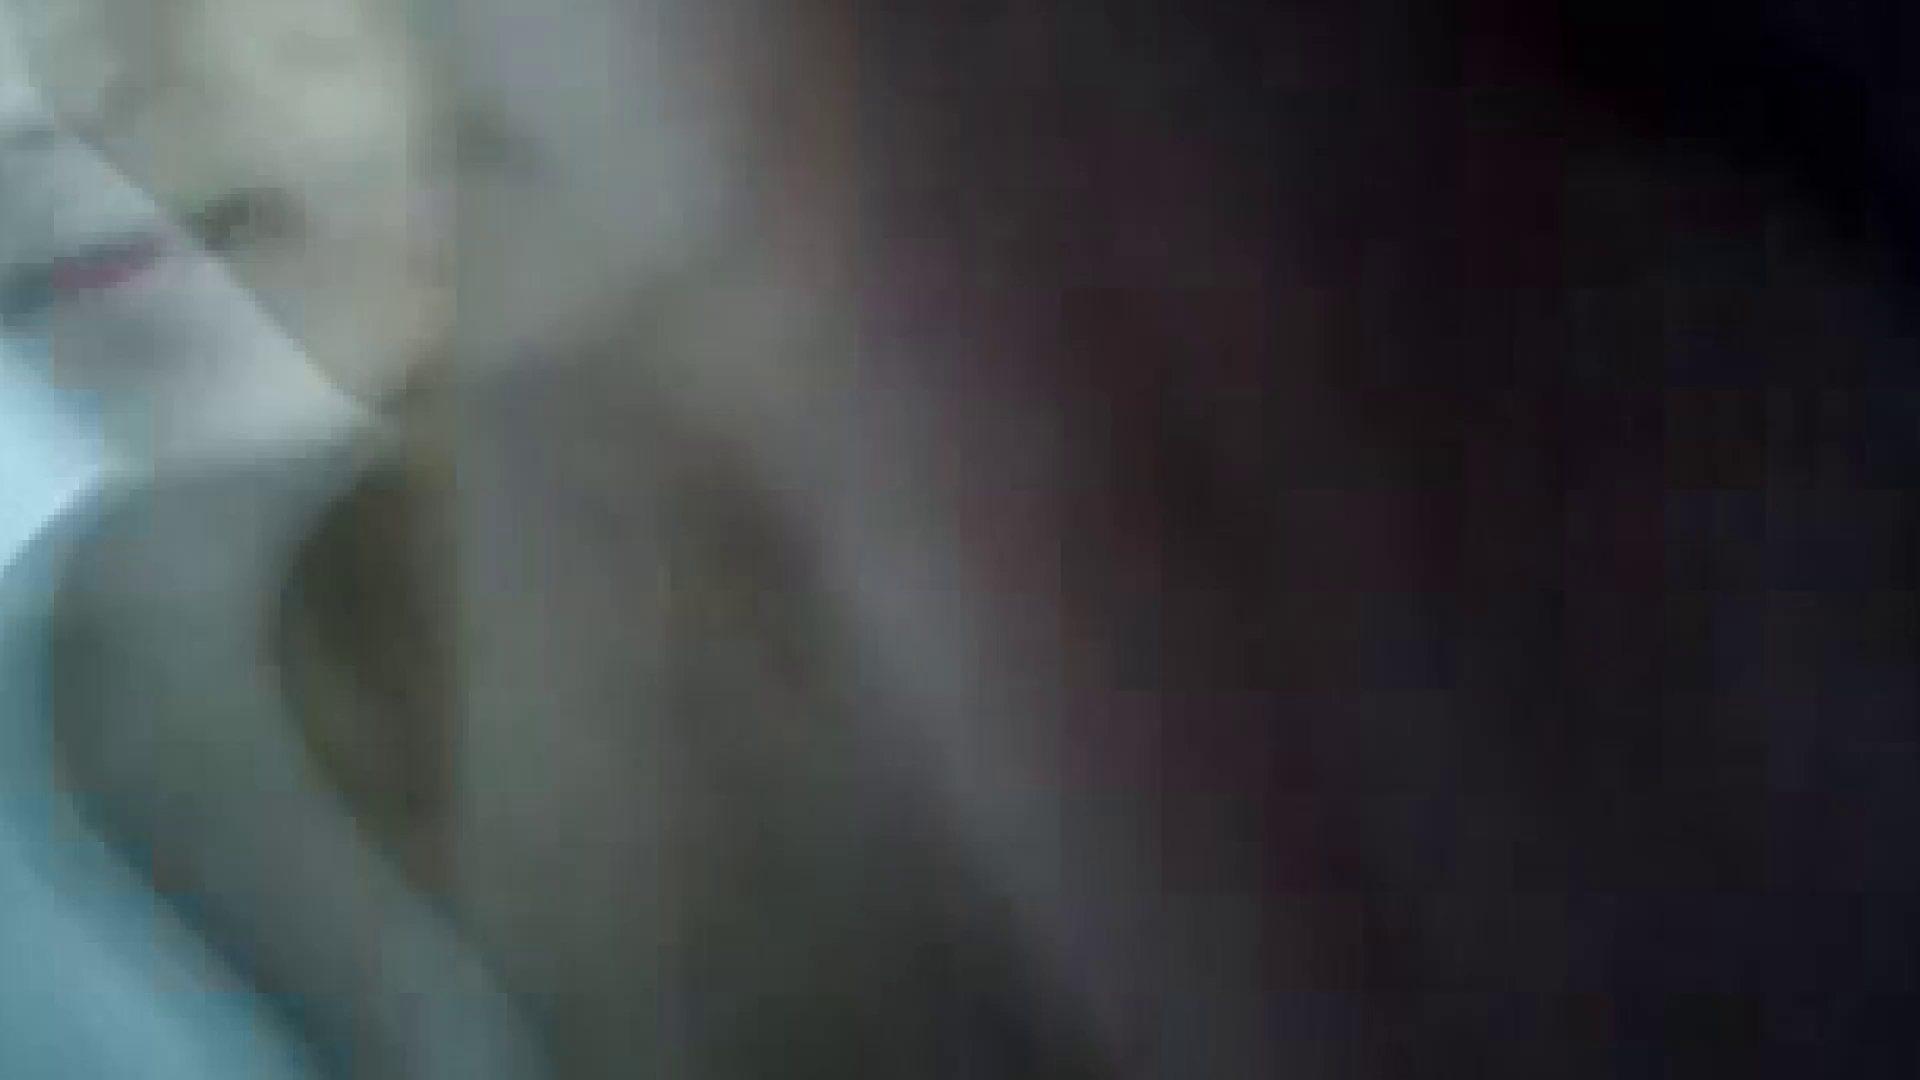 魅せろ!エロチャット!Vol.06 オナニー | エロ特集 アダルトビデオ画像キャプチャ 86pic 37